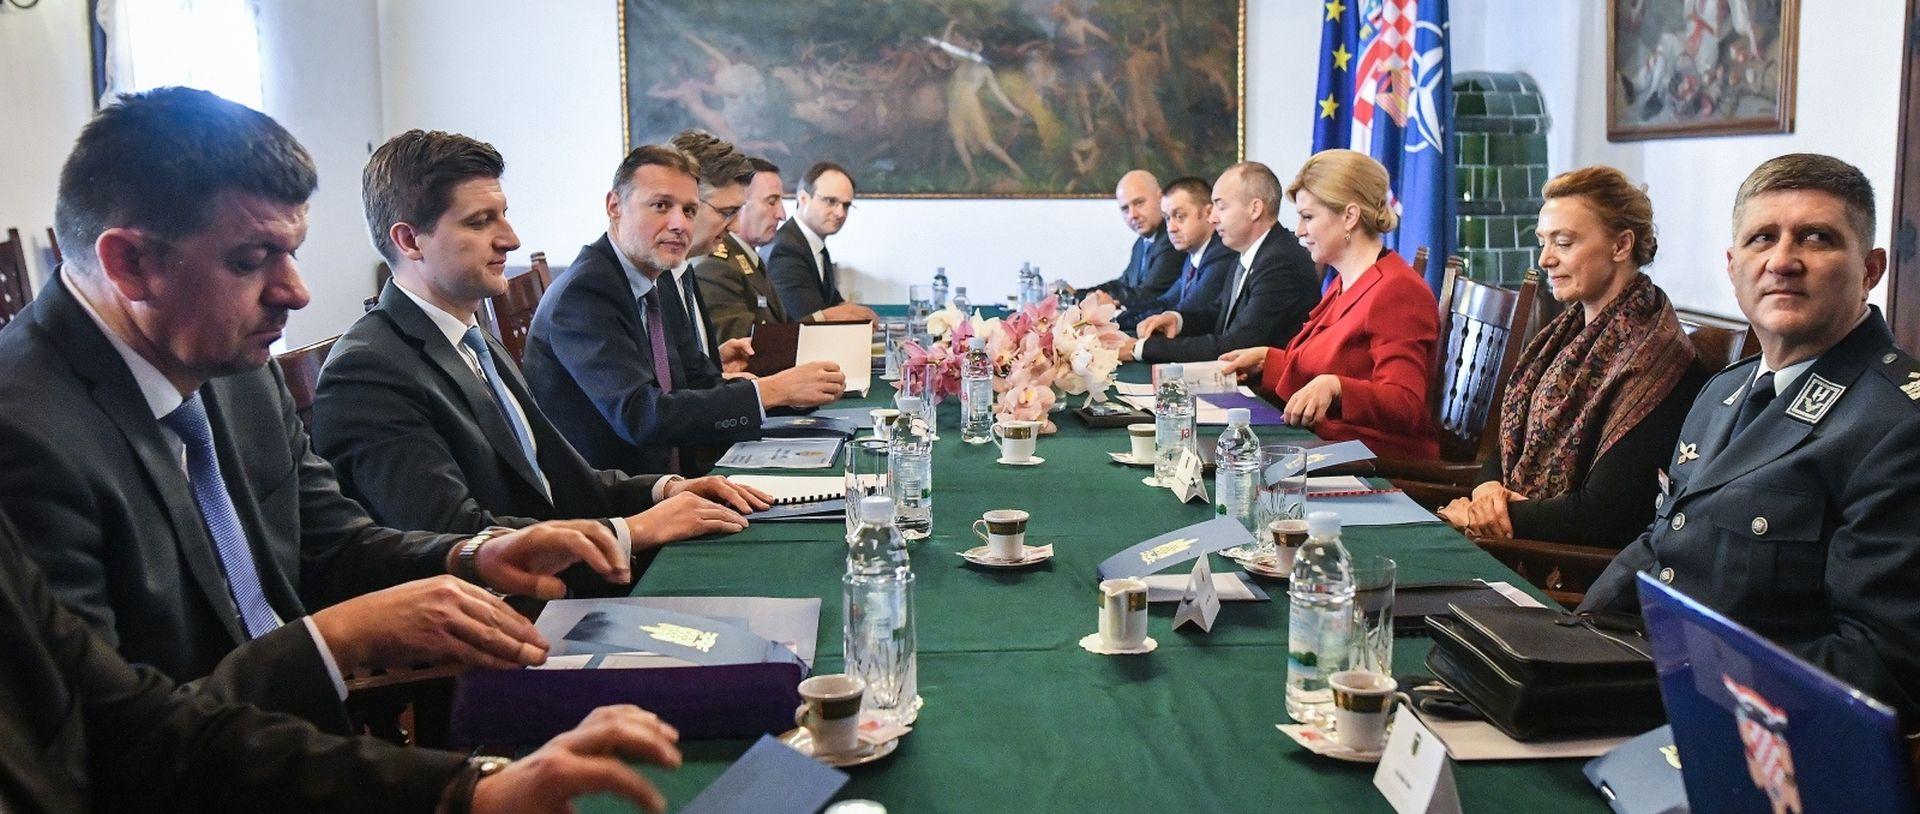 Održana sjednica Vijeća za obranu, Krstičević najavio novi proces